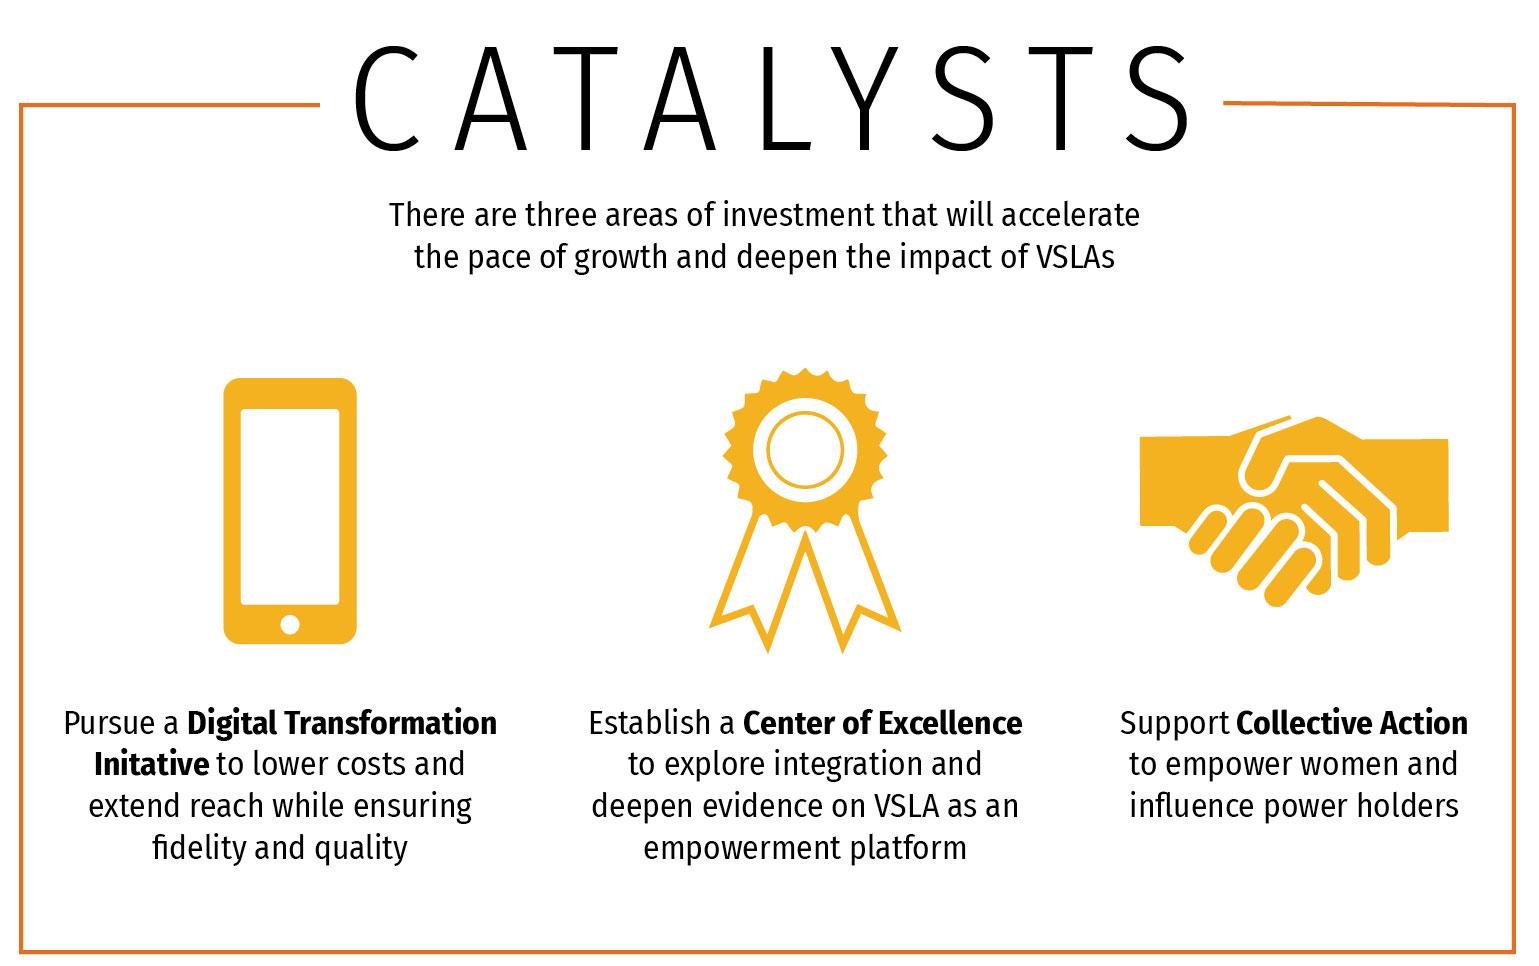 Infográfico: Existem 3 áreas de investimento que irão acelerar o ritmo de crescimento e aprofundar o impacto dos VSLAs.